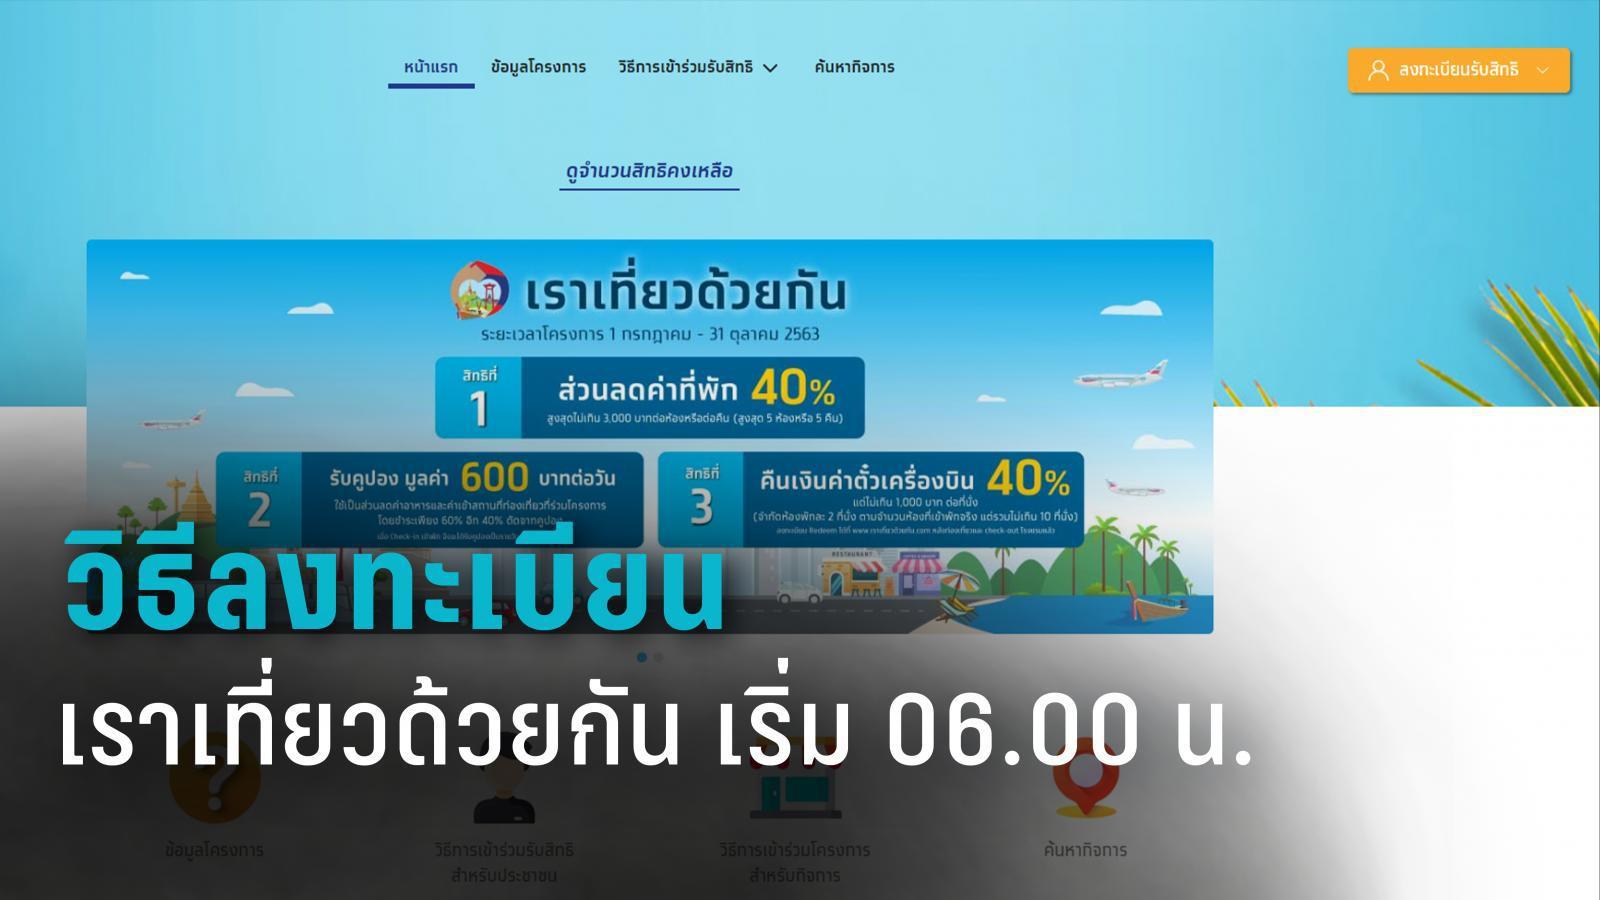 วิธีลงทะเบียน เที่ยวปันสุข ผ่าน www.เราเที่ยวด้วยกัน.com เริ่ม 6 โมงเช้า 15 ก.ค. 63